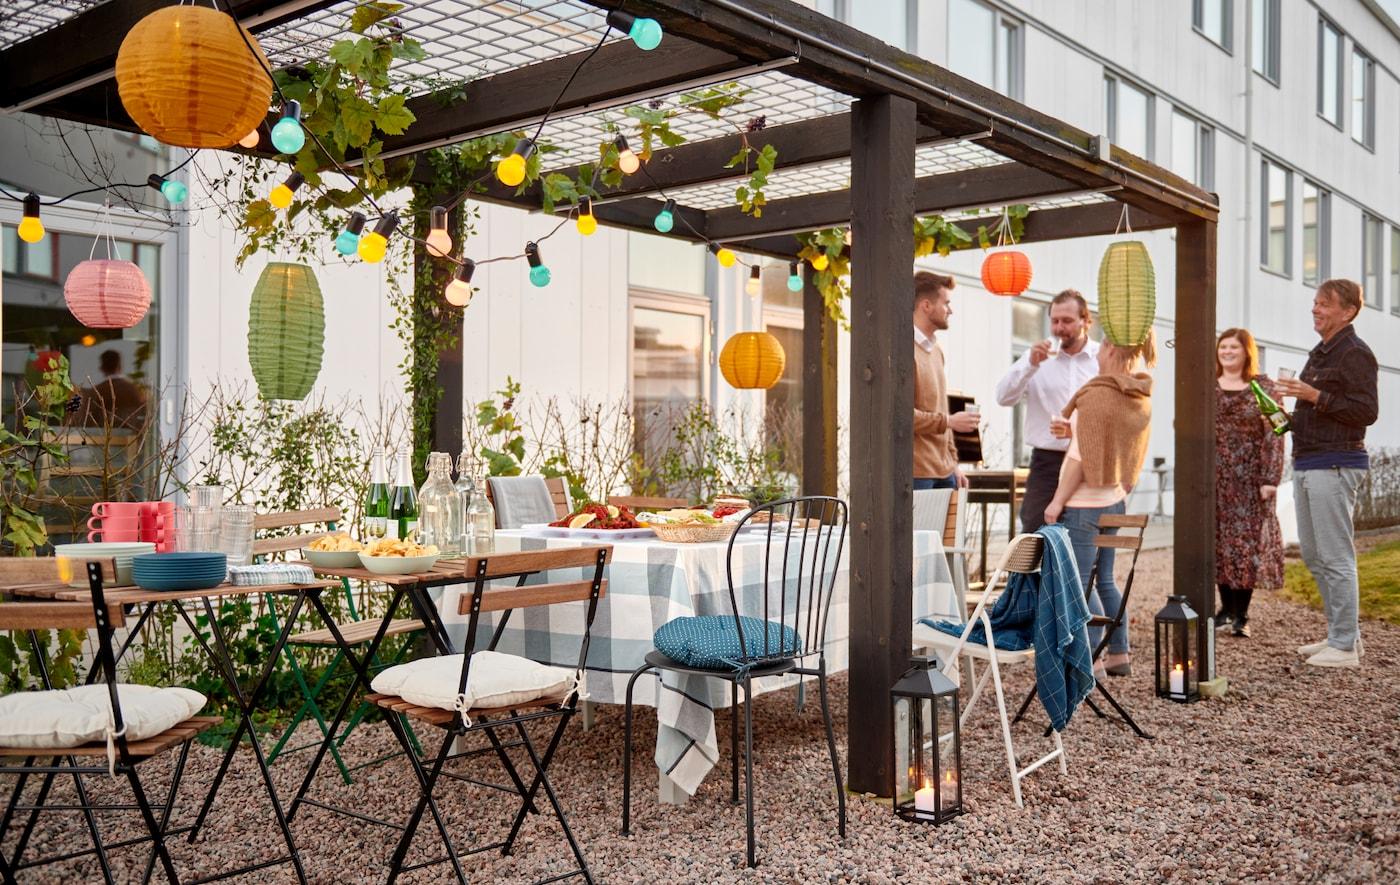 Un groupe de personnes debout à côté d'une rangée de chaises et de petites tables dressées pour une fête sous une pergola dans un jardin.